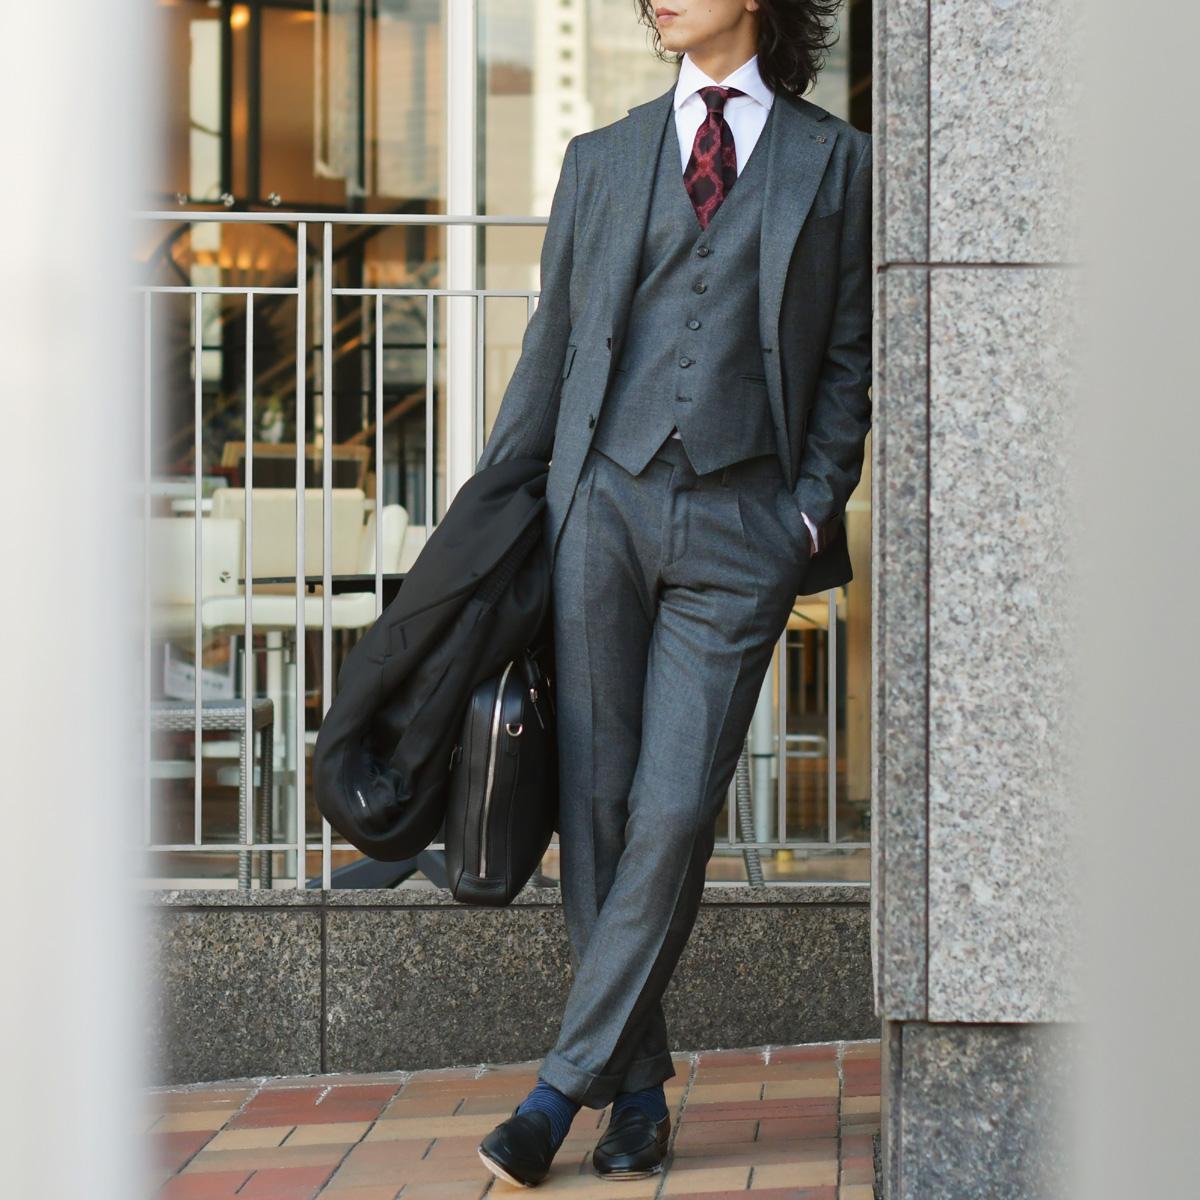 インテリ英国紳士のスーツスタイル!TAGLIATORE【タリアトーレ】